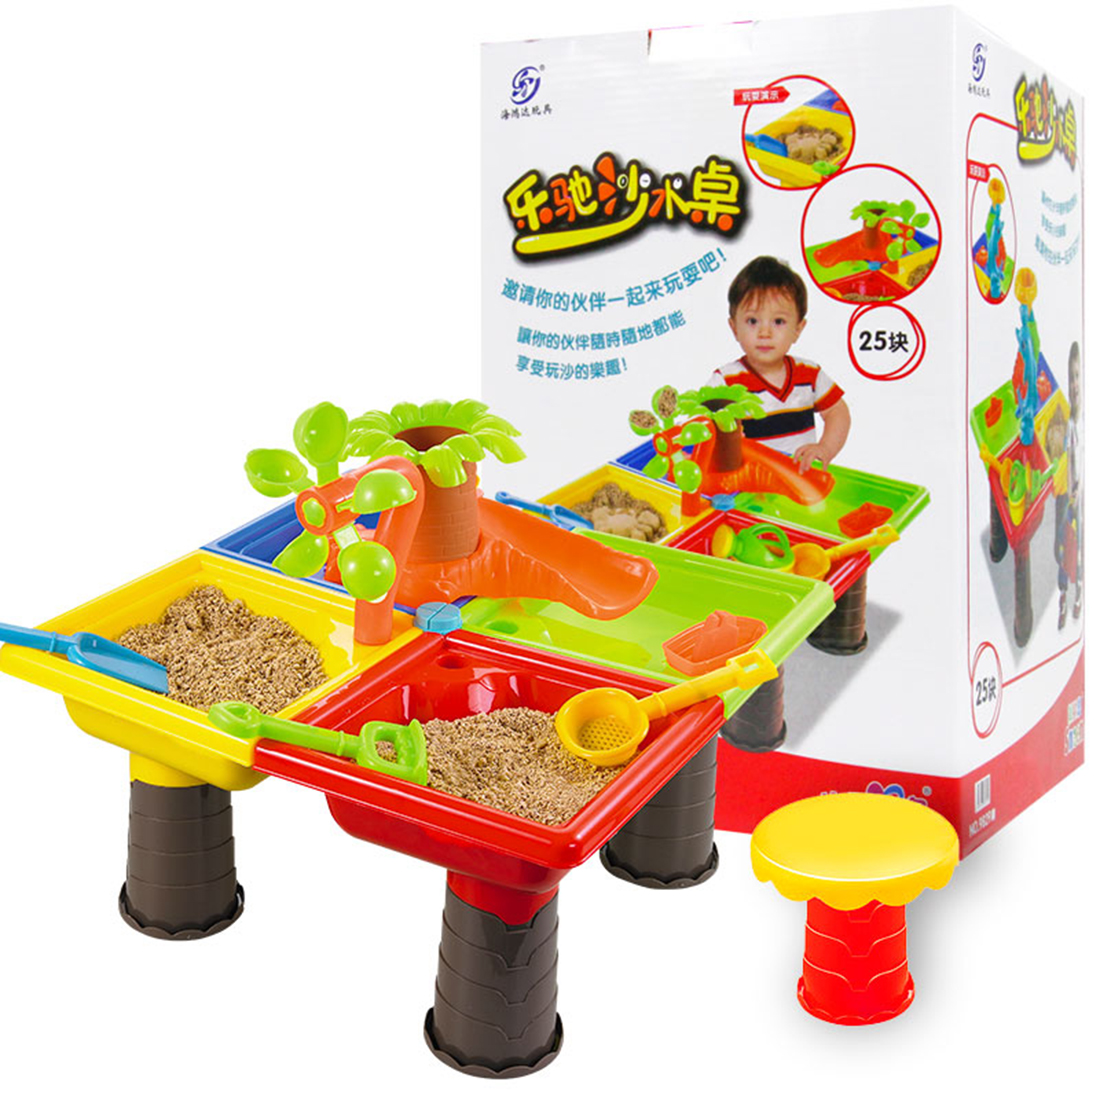 24 pcs Enfants En Plastique Bac à Sable Ensemble Plage De Sable Eau De Table Jouer Jouets Cadeaux Pour Les Enfants Enfants-Couleur Aléatoire